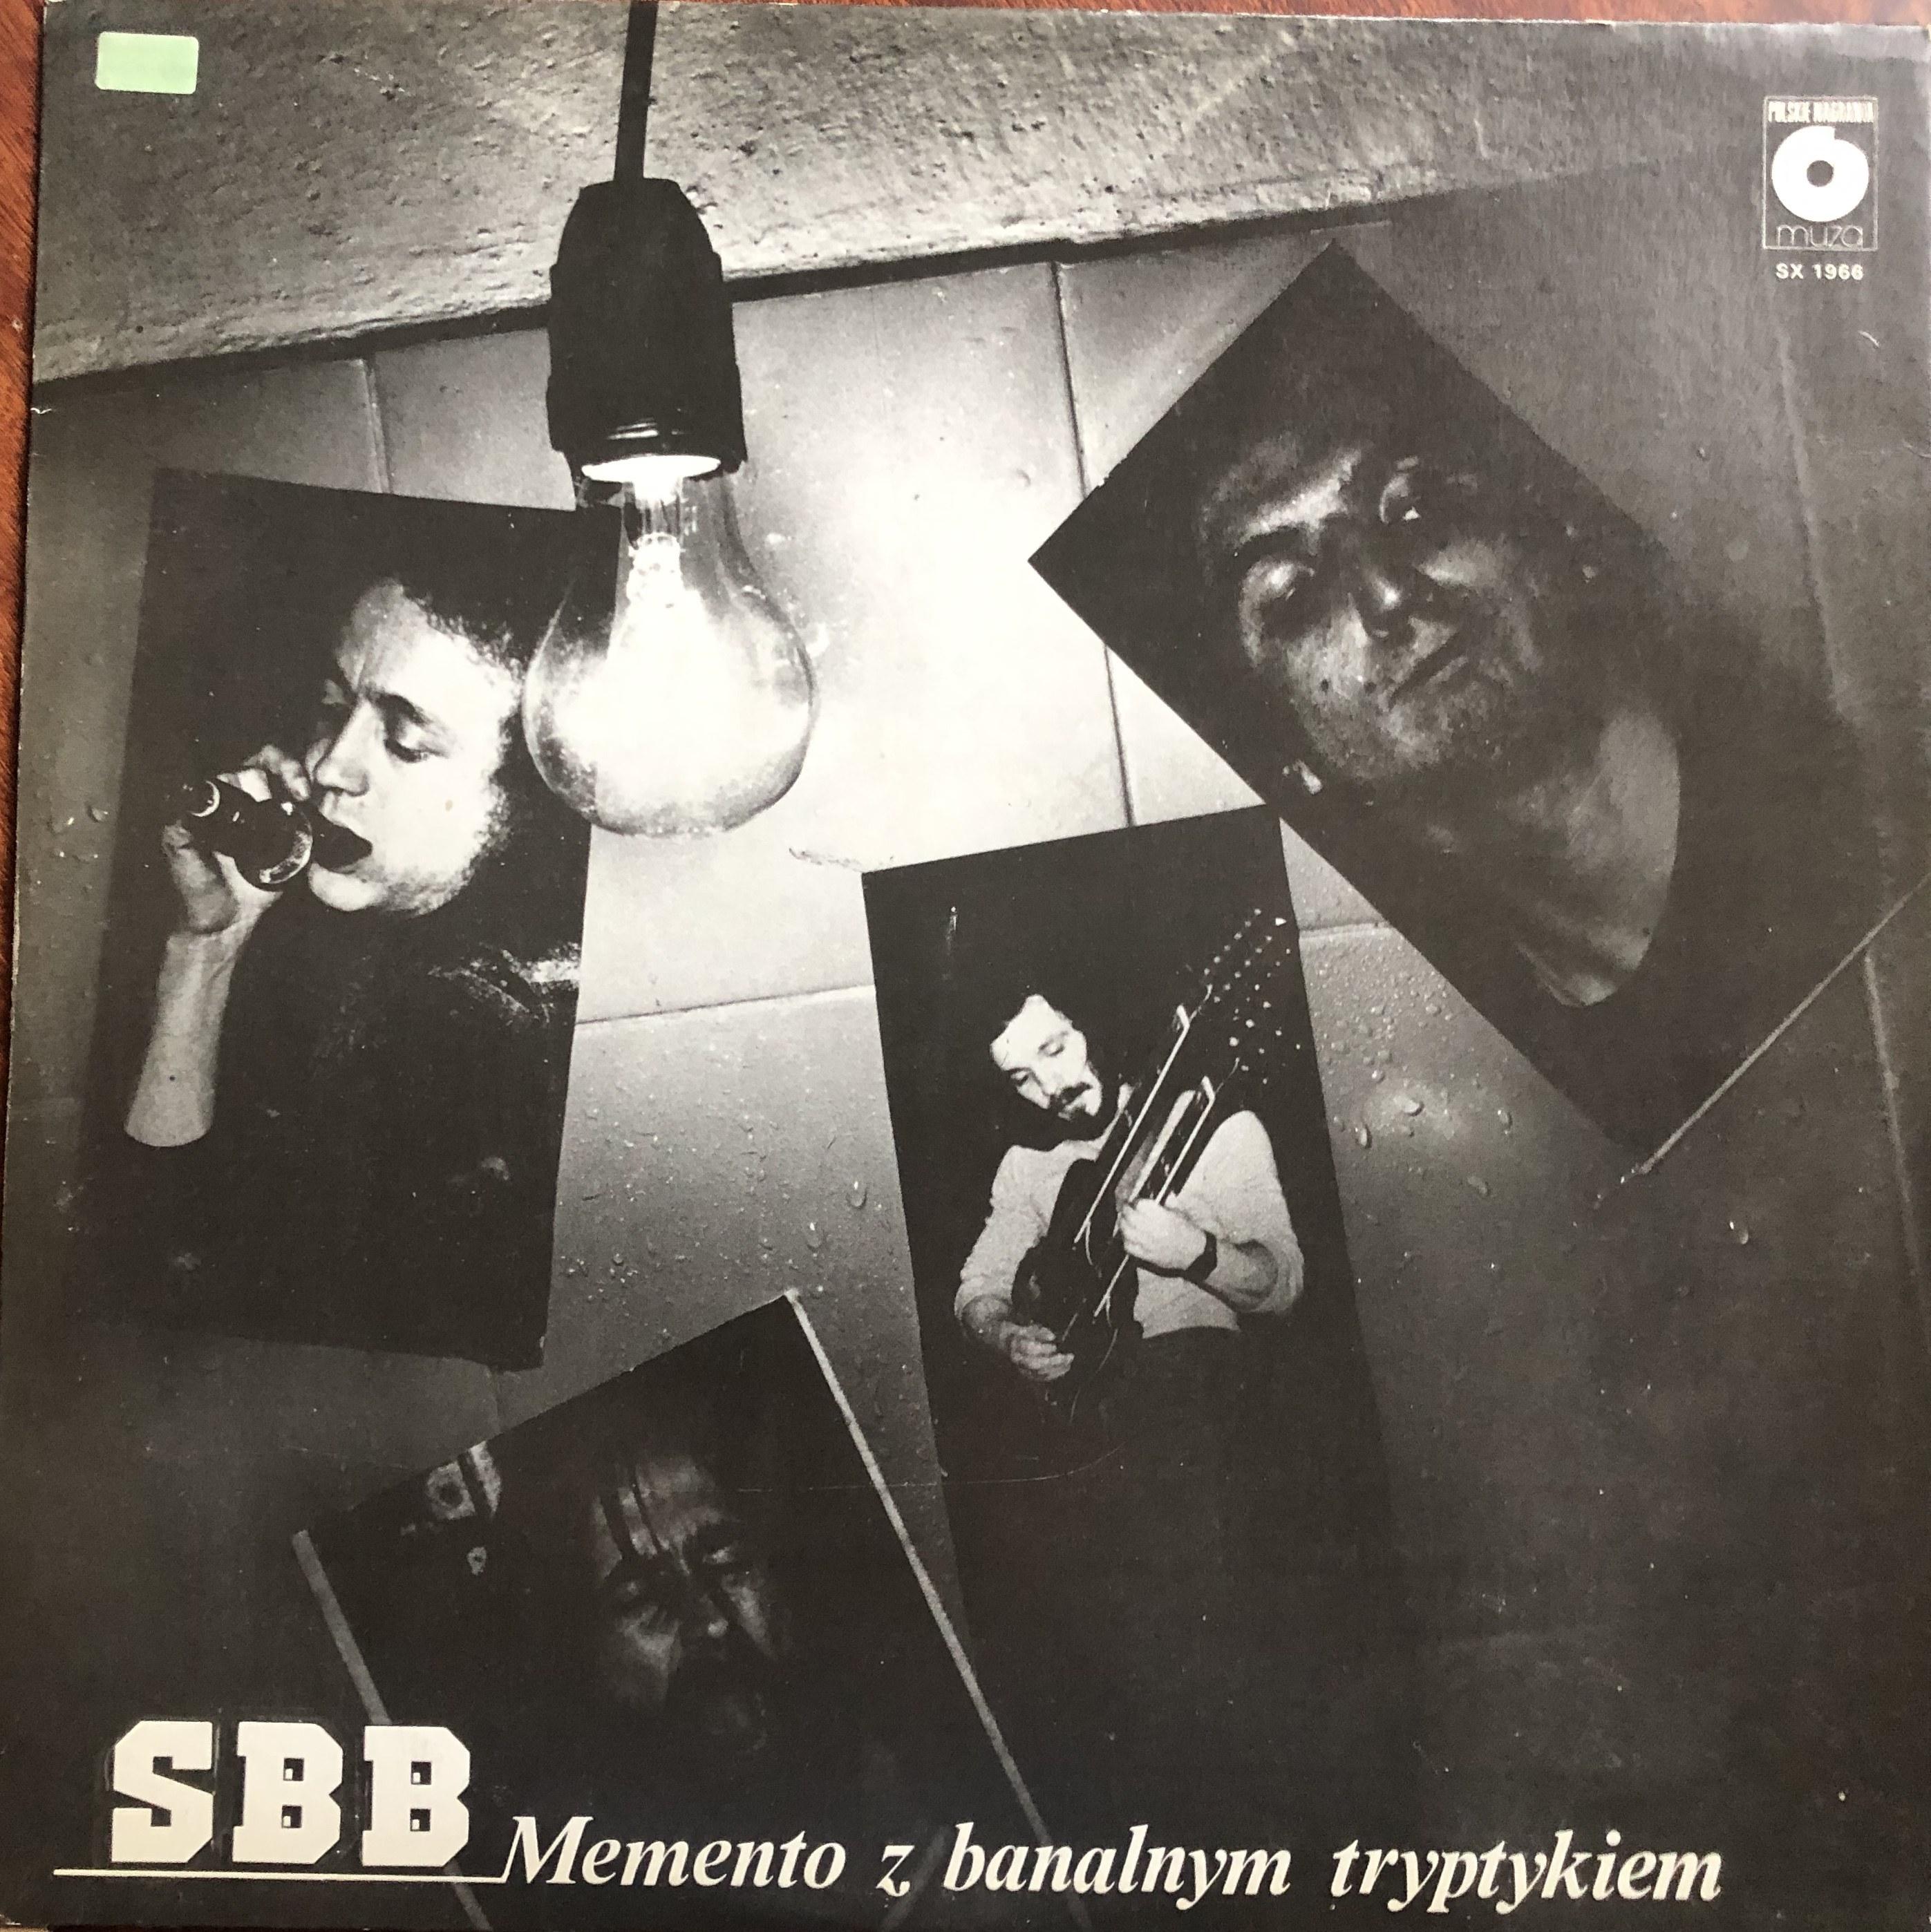 SBB Memento z Banalnym tryptykiem